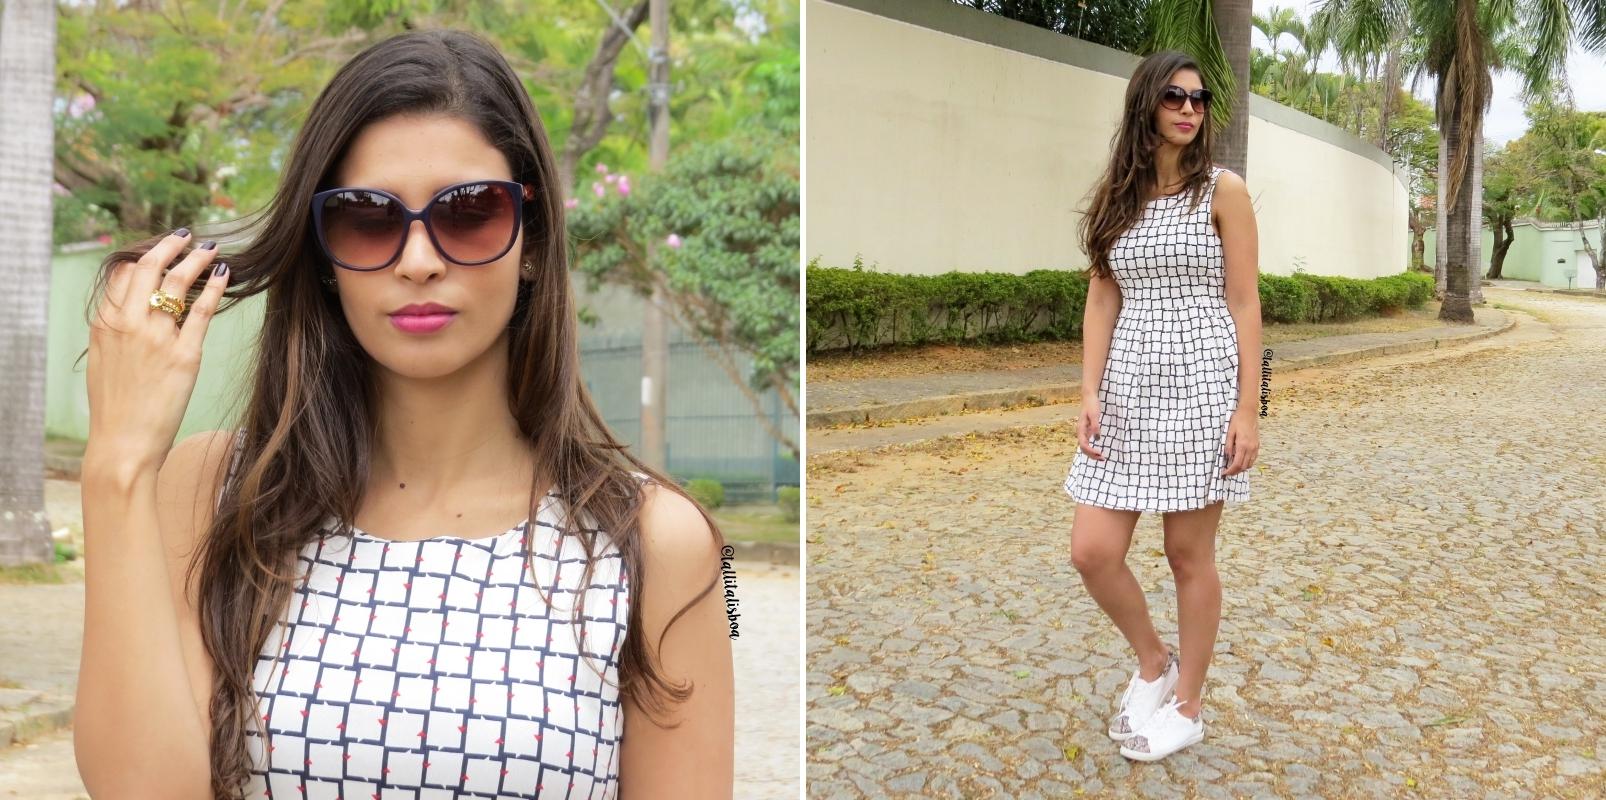 d8860c3ac Como usar vestido com tênis? | Tallita Lisboa Blog